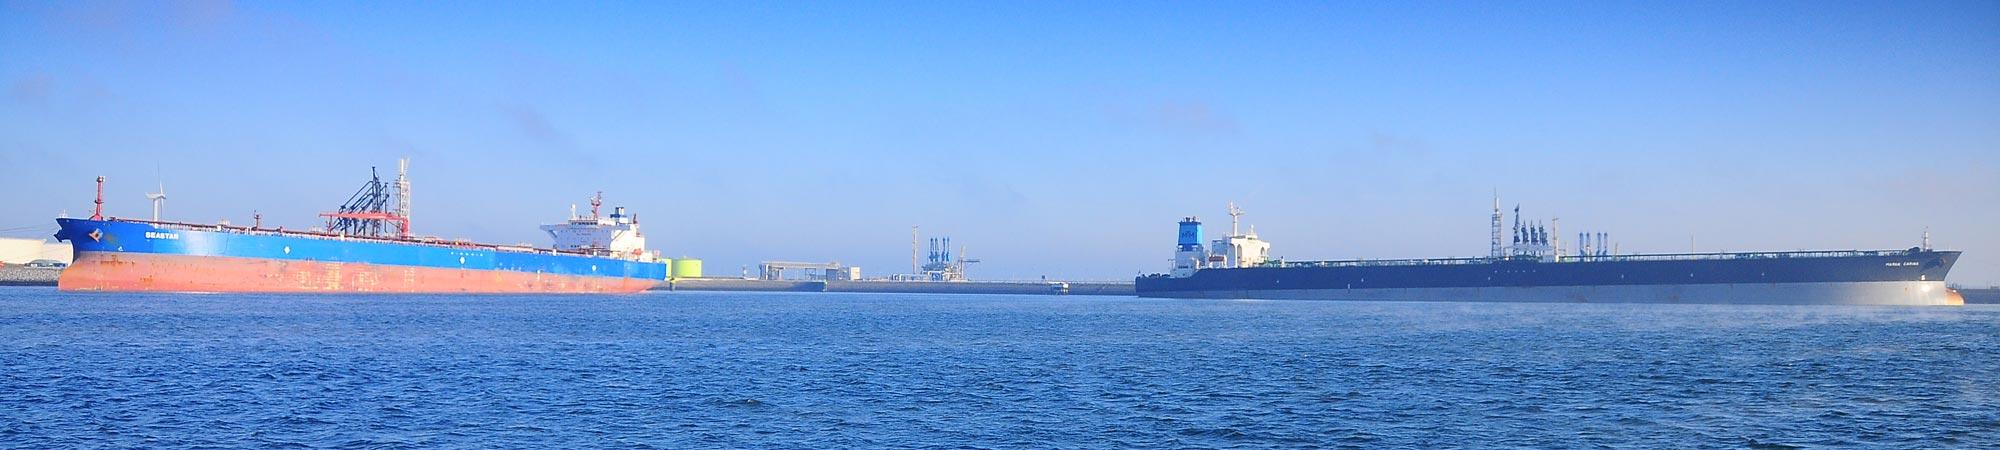 Het dienstenaanbod van Kriesels Shipbroker B.V. bestaat onder andere uit het opmaken van een adviesrapport, vraagprijsbepaling, verkoopstrategie en presentatie van uw schip